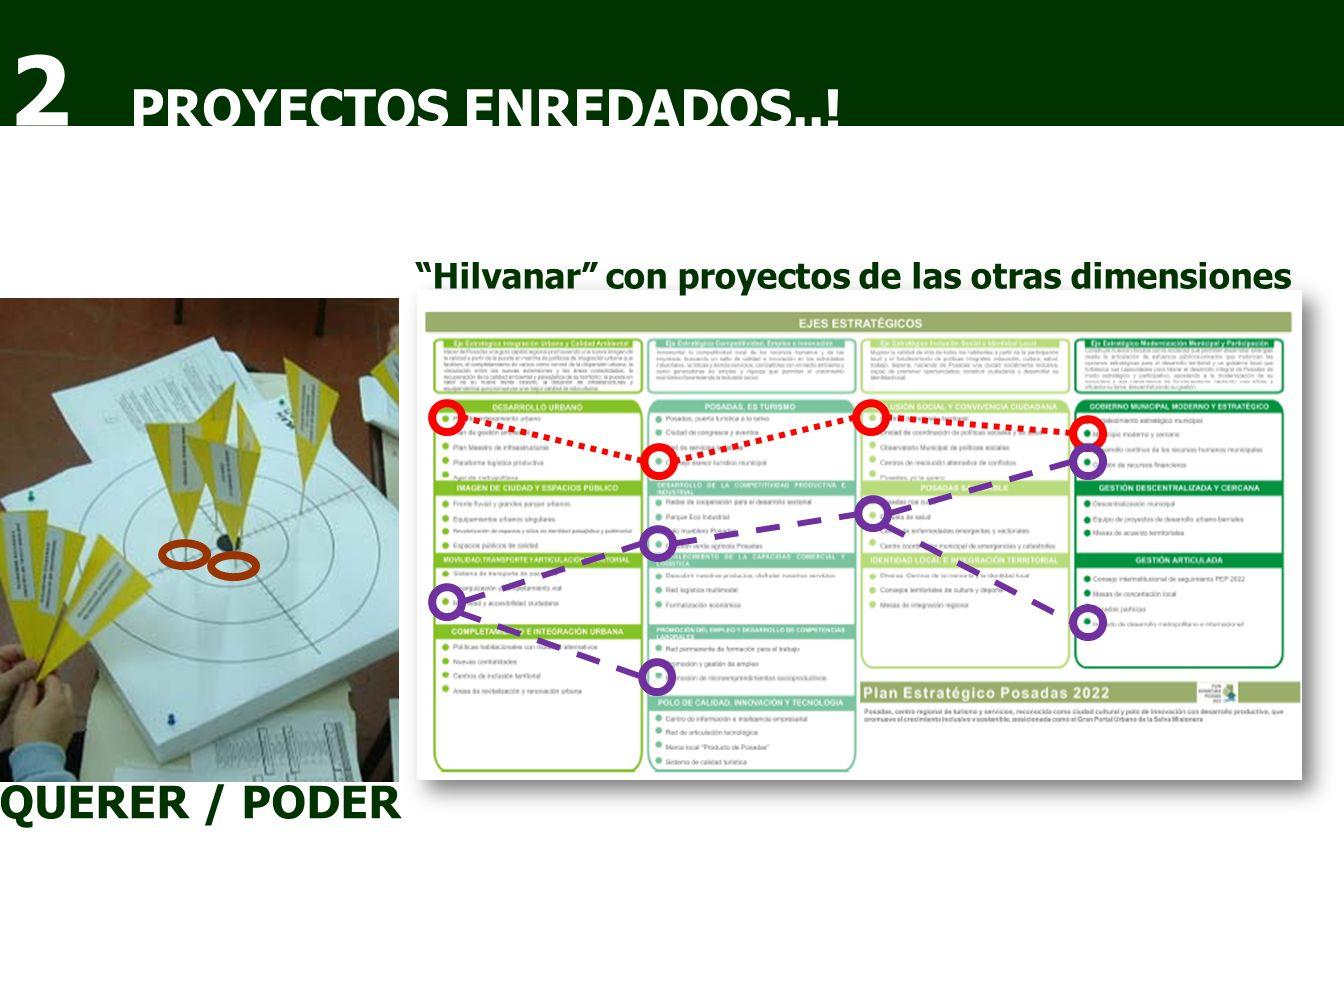 PROYECTOS ENREDADOS..! 2 QUERER / PODER Hilvanar con proyectos de las otras dimensiones